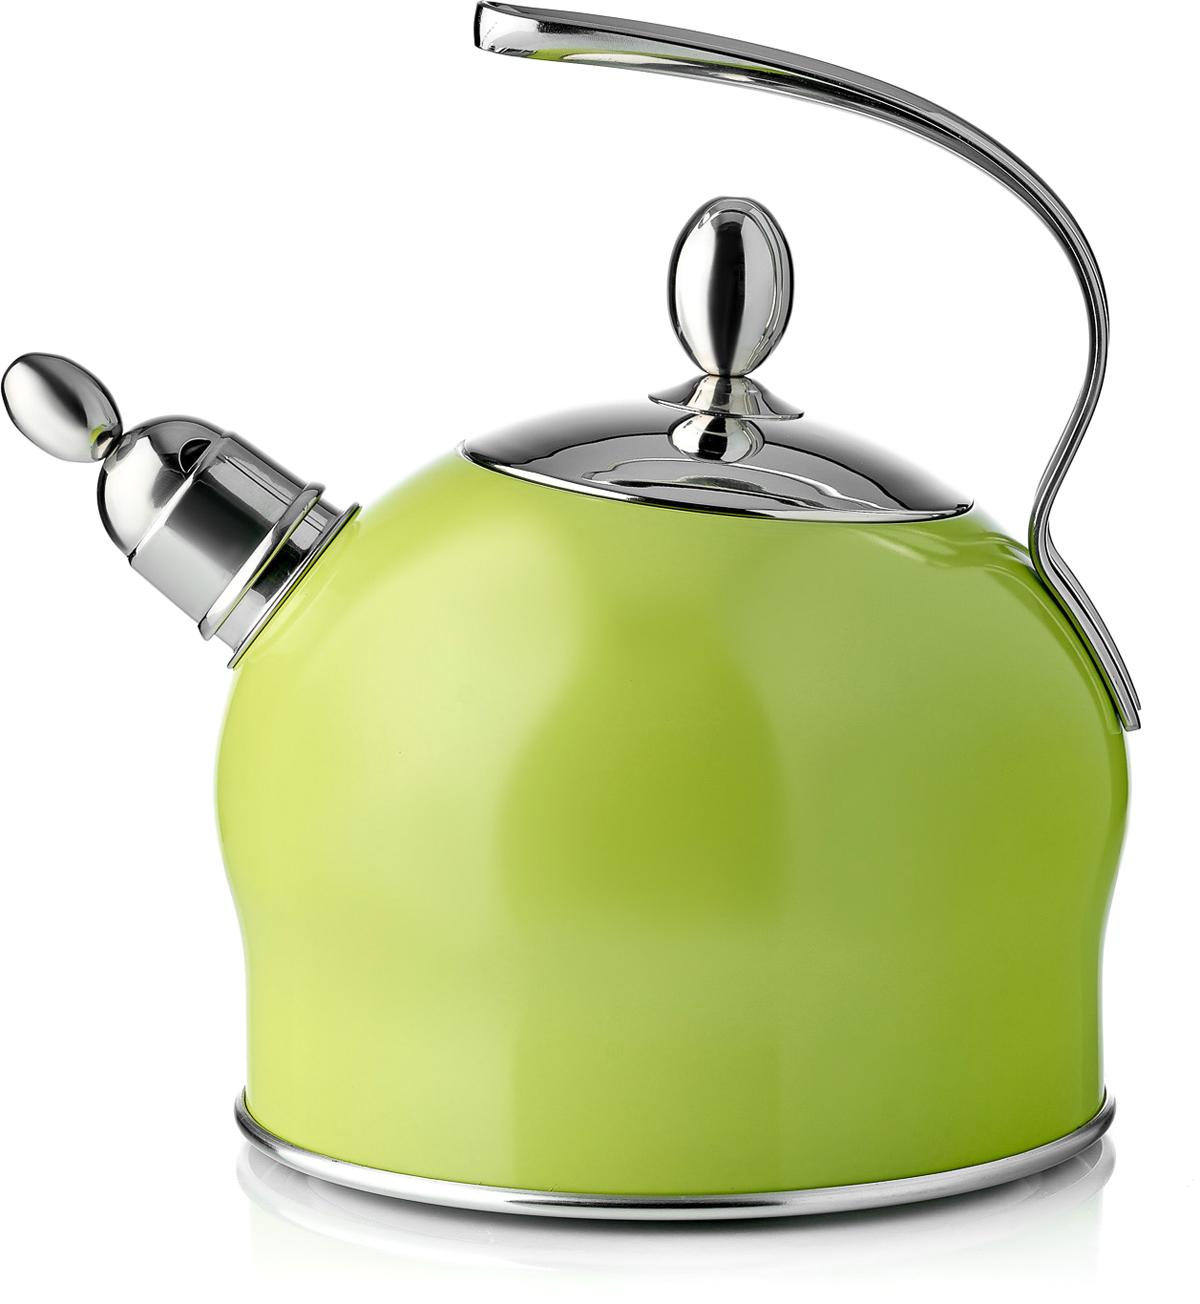 Чайник Esprado Ritade, со свистком, цвет: зеленый, 2,5 лRI1L25GE113Чайник Esprado Ritade изготовлен из специальной высококачественной нержавеющей пищевой стали Steelagen, разработанной датскими специалистами марки Esprado. Благодаря отличным антикоррозионным свойствам Steelagen устойчива к воздействию соленой и кислой сред. Сталь прочна и долговечна, а также безопасна для здоровья человека и окружающей среды. Внешние стенки чайника покрыты цветной жаростойкой эмалью, выдерживающей нагрев до 220°С. Трехслойное капсулированное дно (нержавеющая сталь, алюминий, магнитная сталь) обеспечивает равномерный нагрев посуды и постепенное остывание (эффект томления). Чайник оснащен удобной стальной ручкой. Носик чайника имеет насадку-свисток, что позволит вам контролировать процесс подогрева или кипячения воды.Подходит для использования на всех видах плит, включая индукционные.В Испании распространен горшочек-яблоко, в котором готовят традиционный испанский томатный суп, - считается, что в посуде именно такой формы тушеные блюда и супы густой консистенции получаются просто идеальными.Торговая марка Esprado представляет аналог этой известной посуды - коллекцию Ritade, произведенную с использованием современных высококачественных материалов и покрытий. Коллекция отличается современным дизайном, и благодаря округлой форме и насыщенному цвету выглядит очень привлекательно.